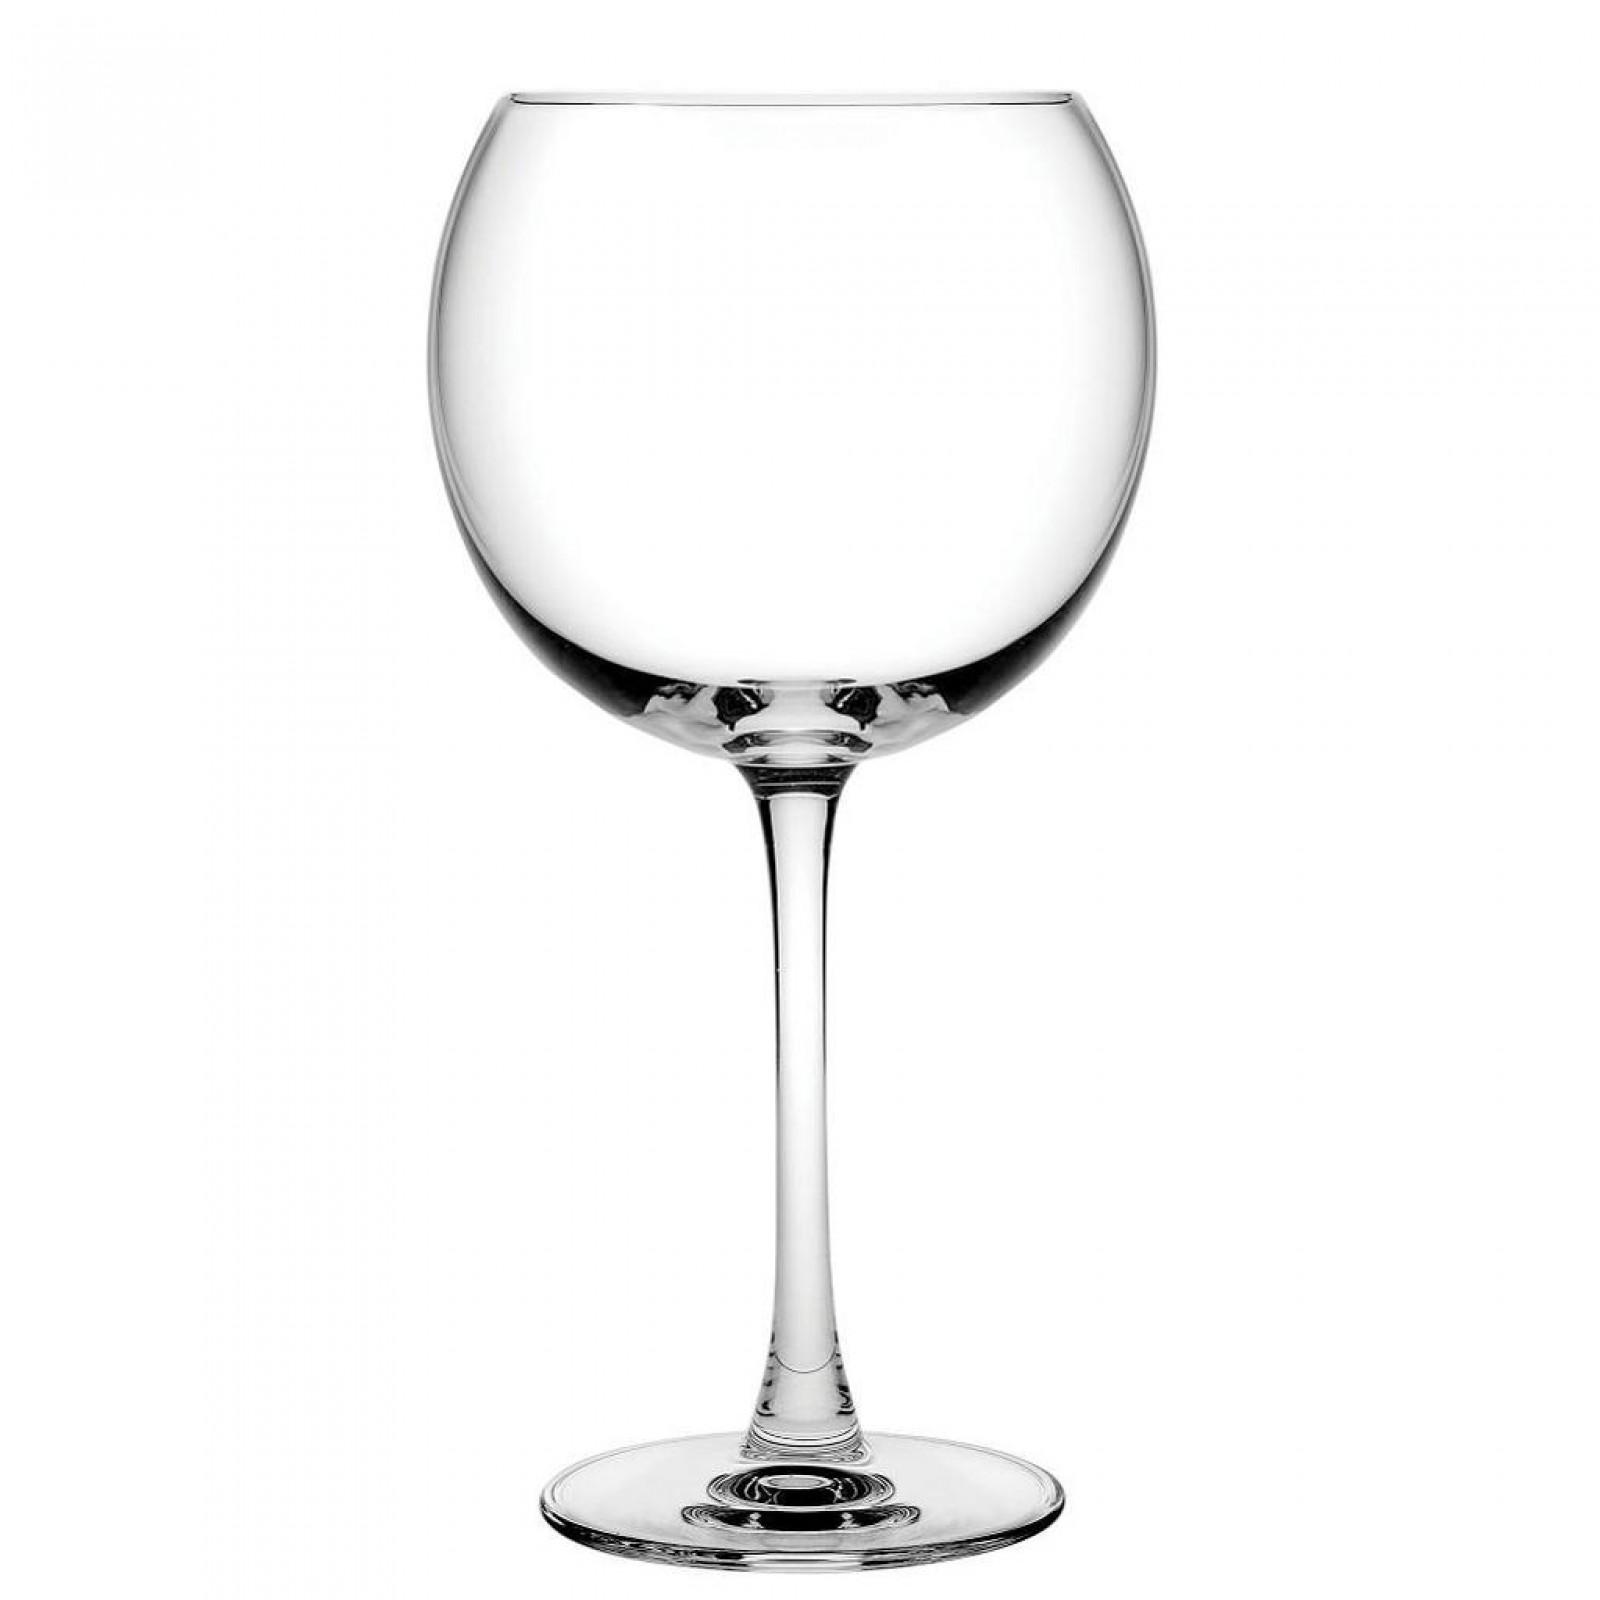 Ποτήρια Κόκκινου Κρασιού Reserva 700 ml (Σετ των 6) - Nude Glass